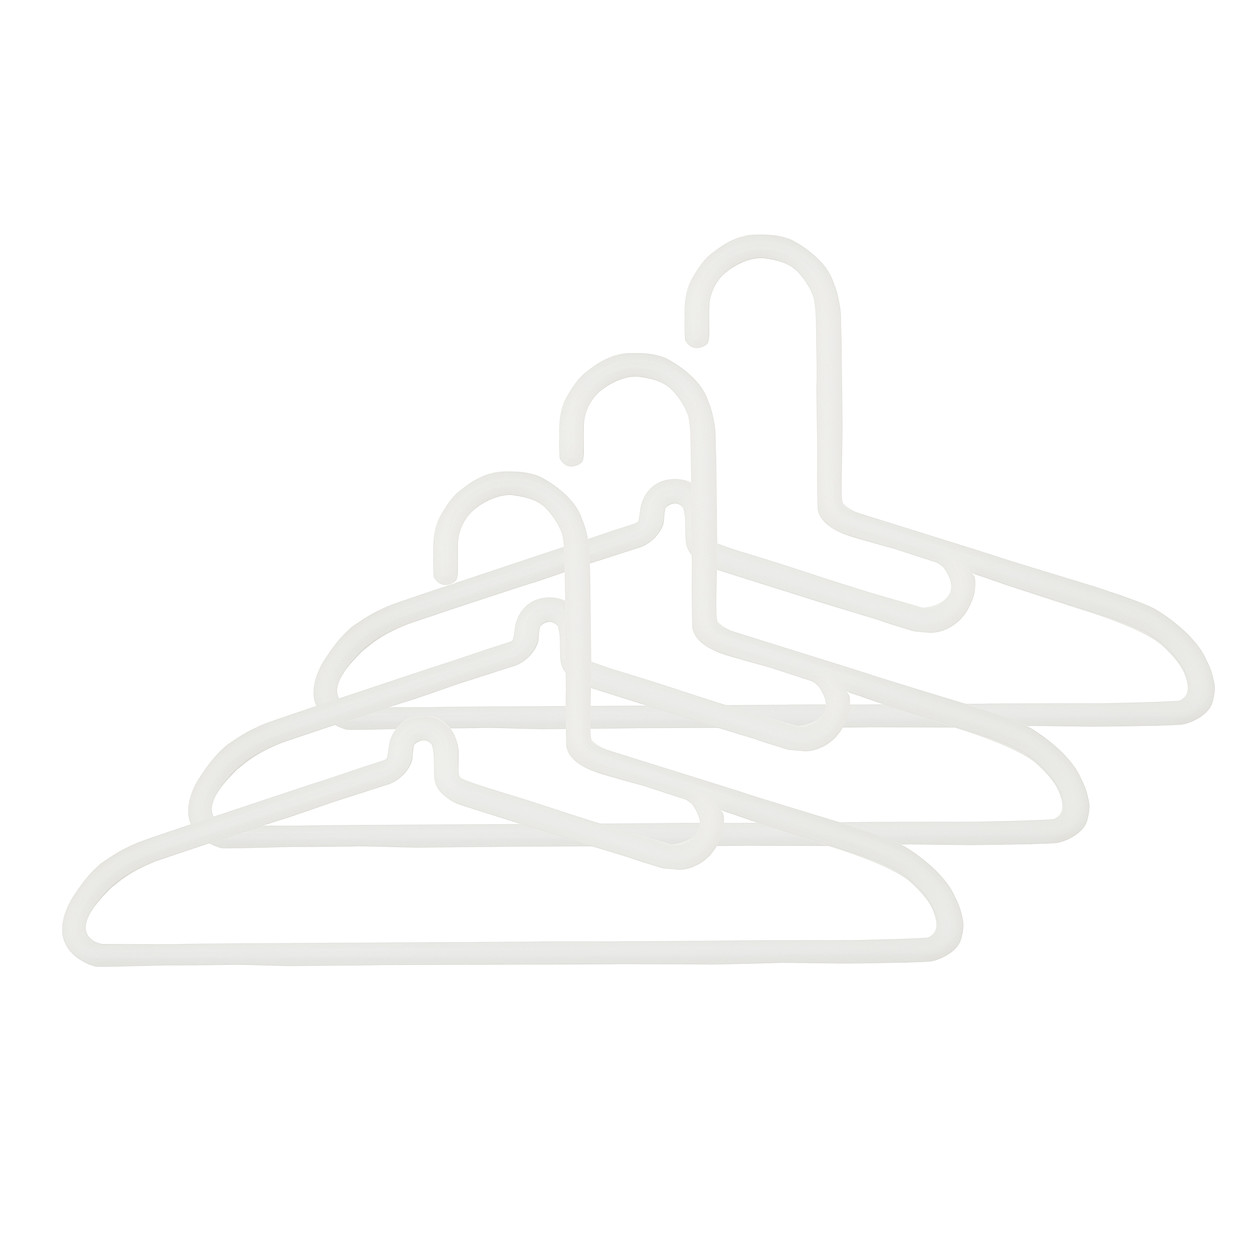 【まとめ買い】ポリプロピレン洗濯用ハンガー・シャツ用・3本組